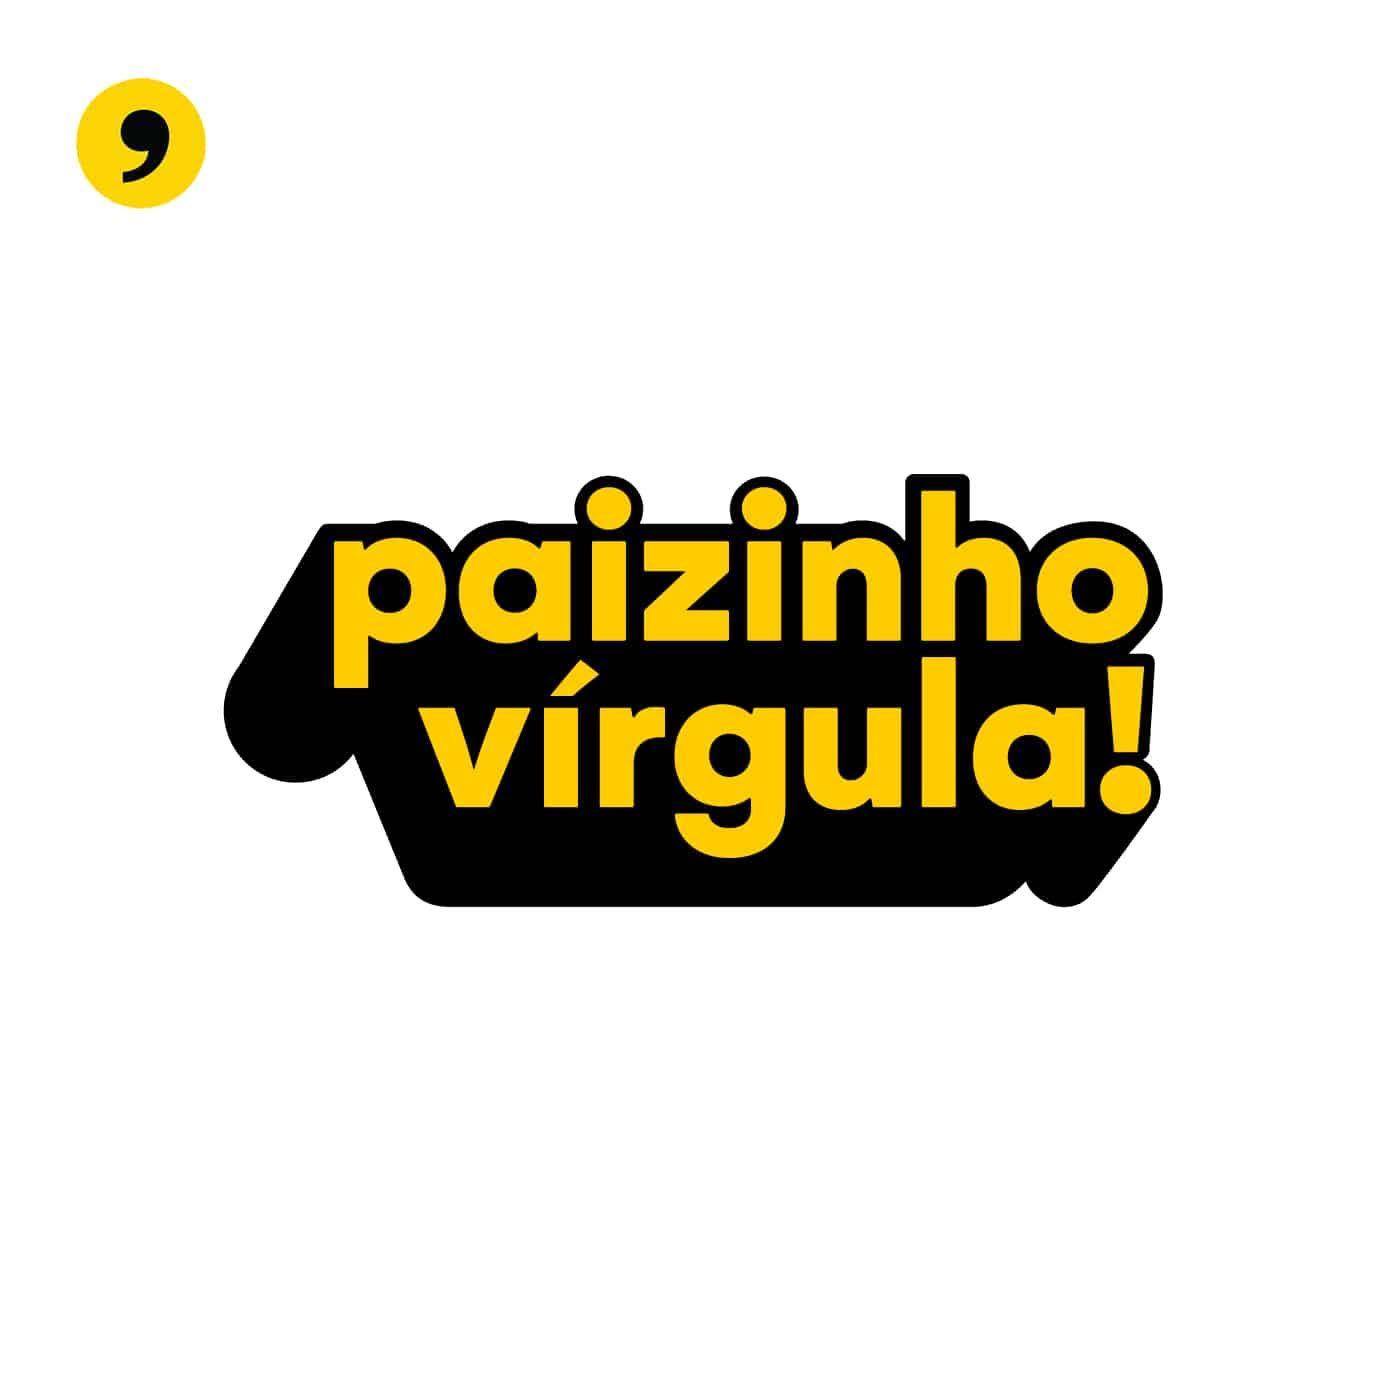 Rede Paizinho, Vírgula!